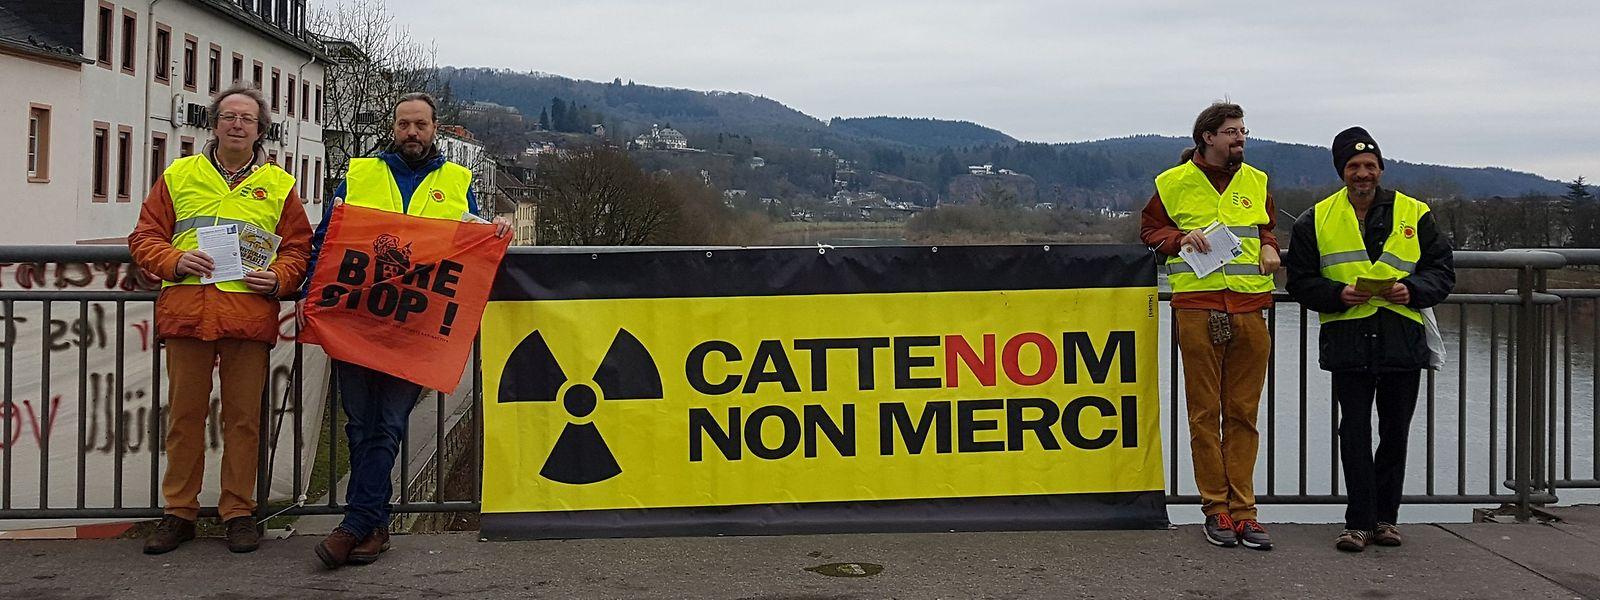 Auch in Trier protestierten Aktivisten gegen Atomkraft